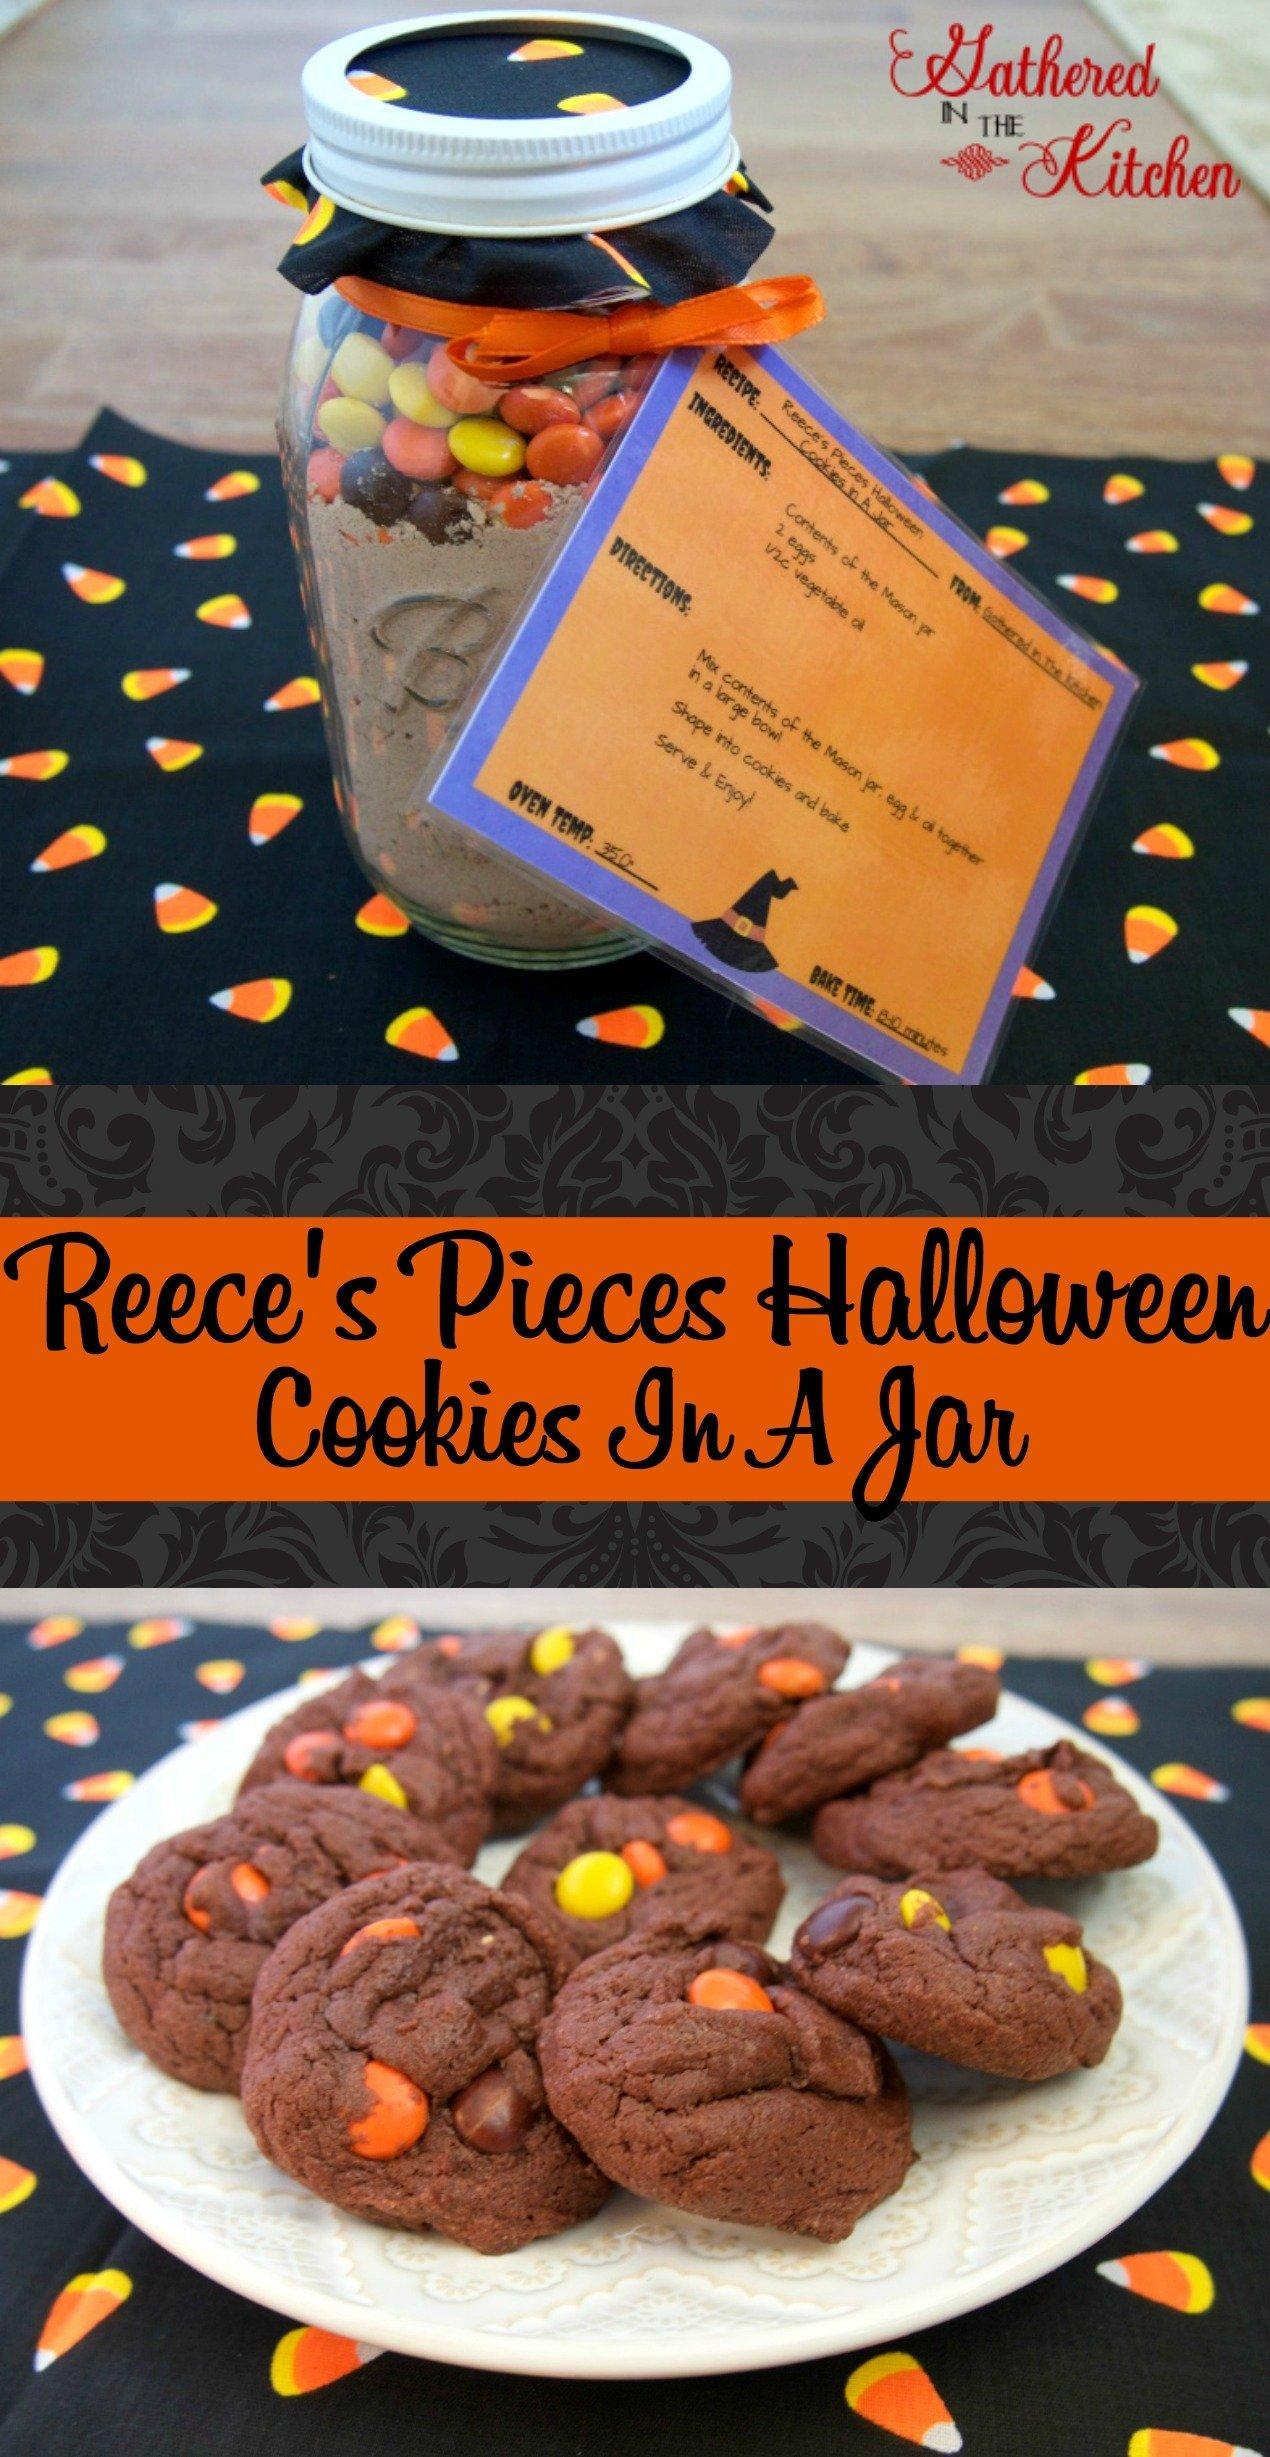 reeces-pieces-halloween-cookies-in-a-jae